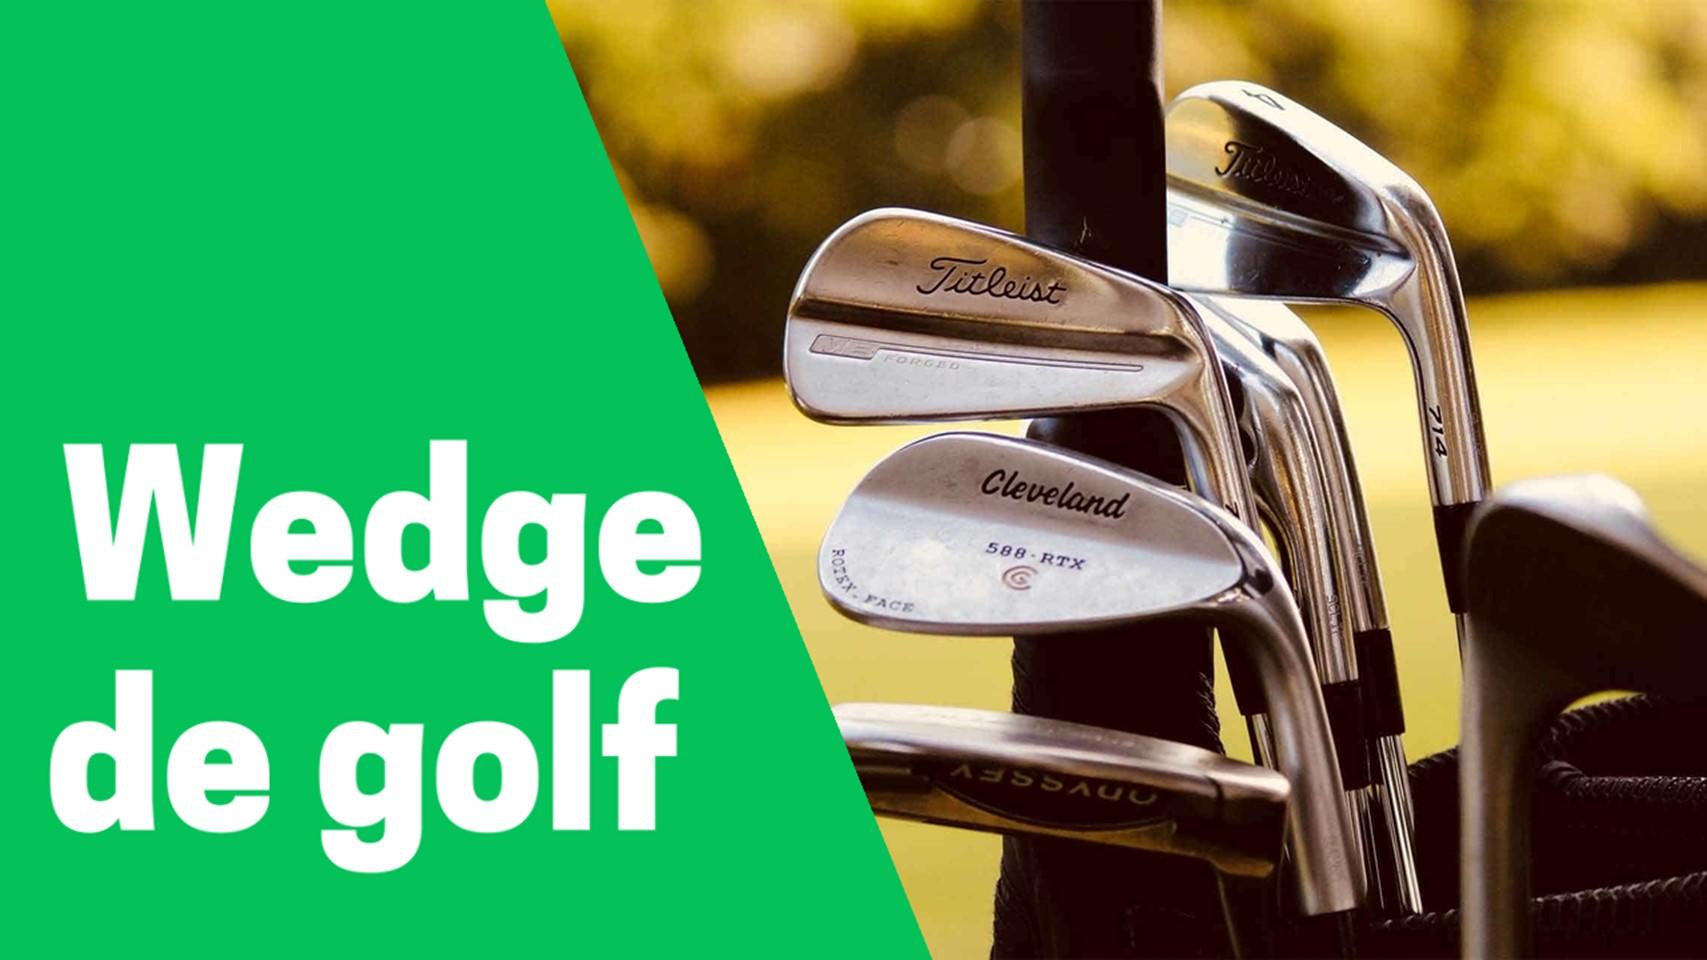 Meilleur wedge de golf comparatif avis test guide achat